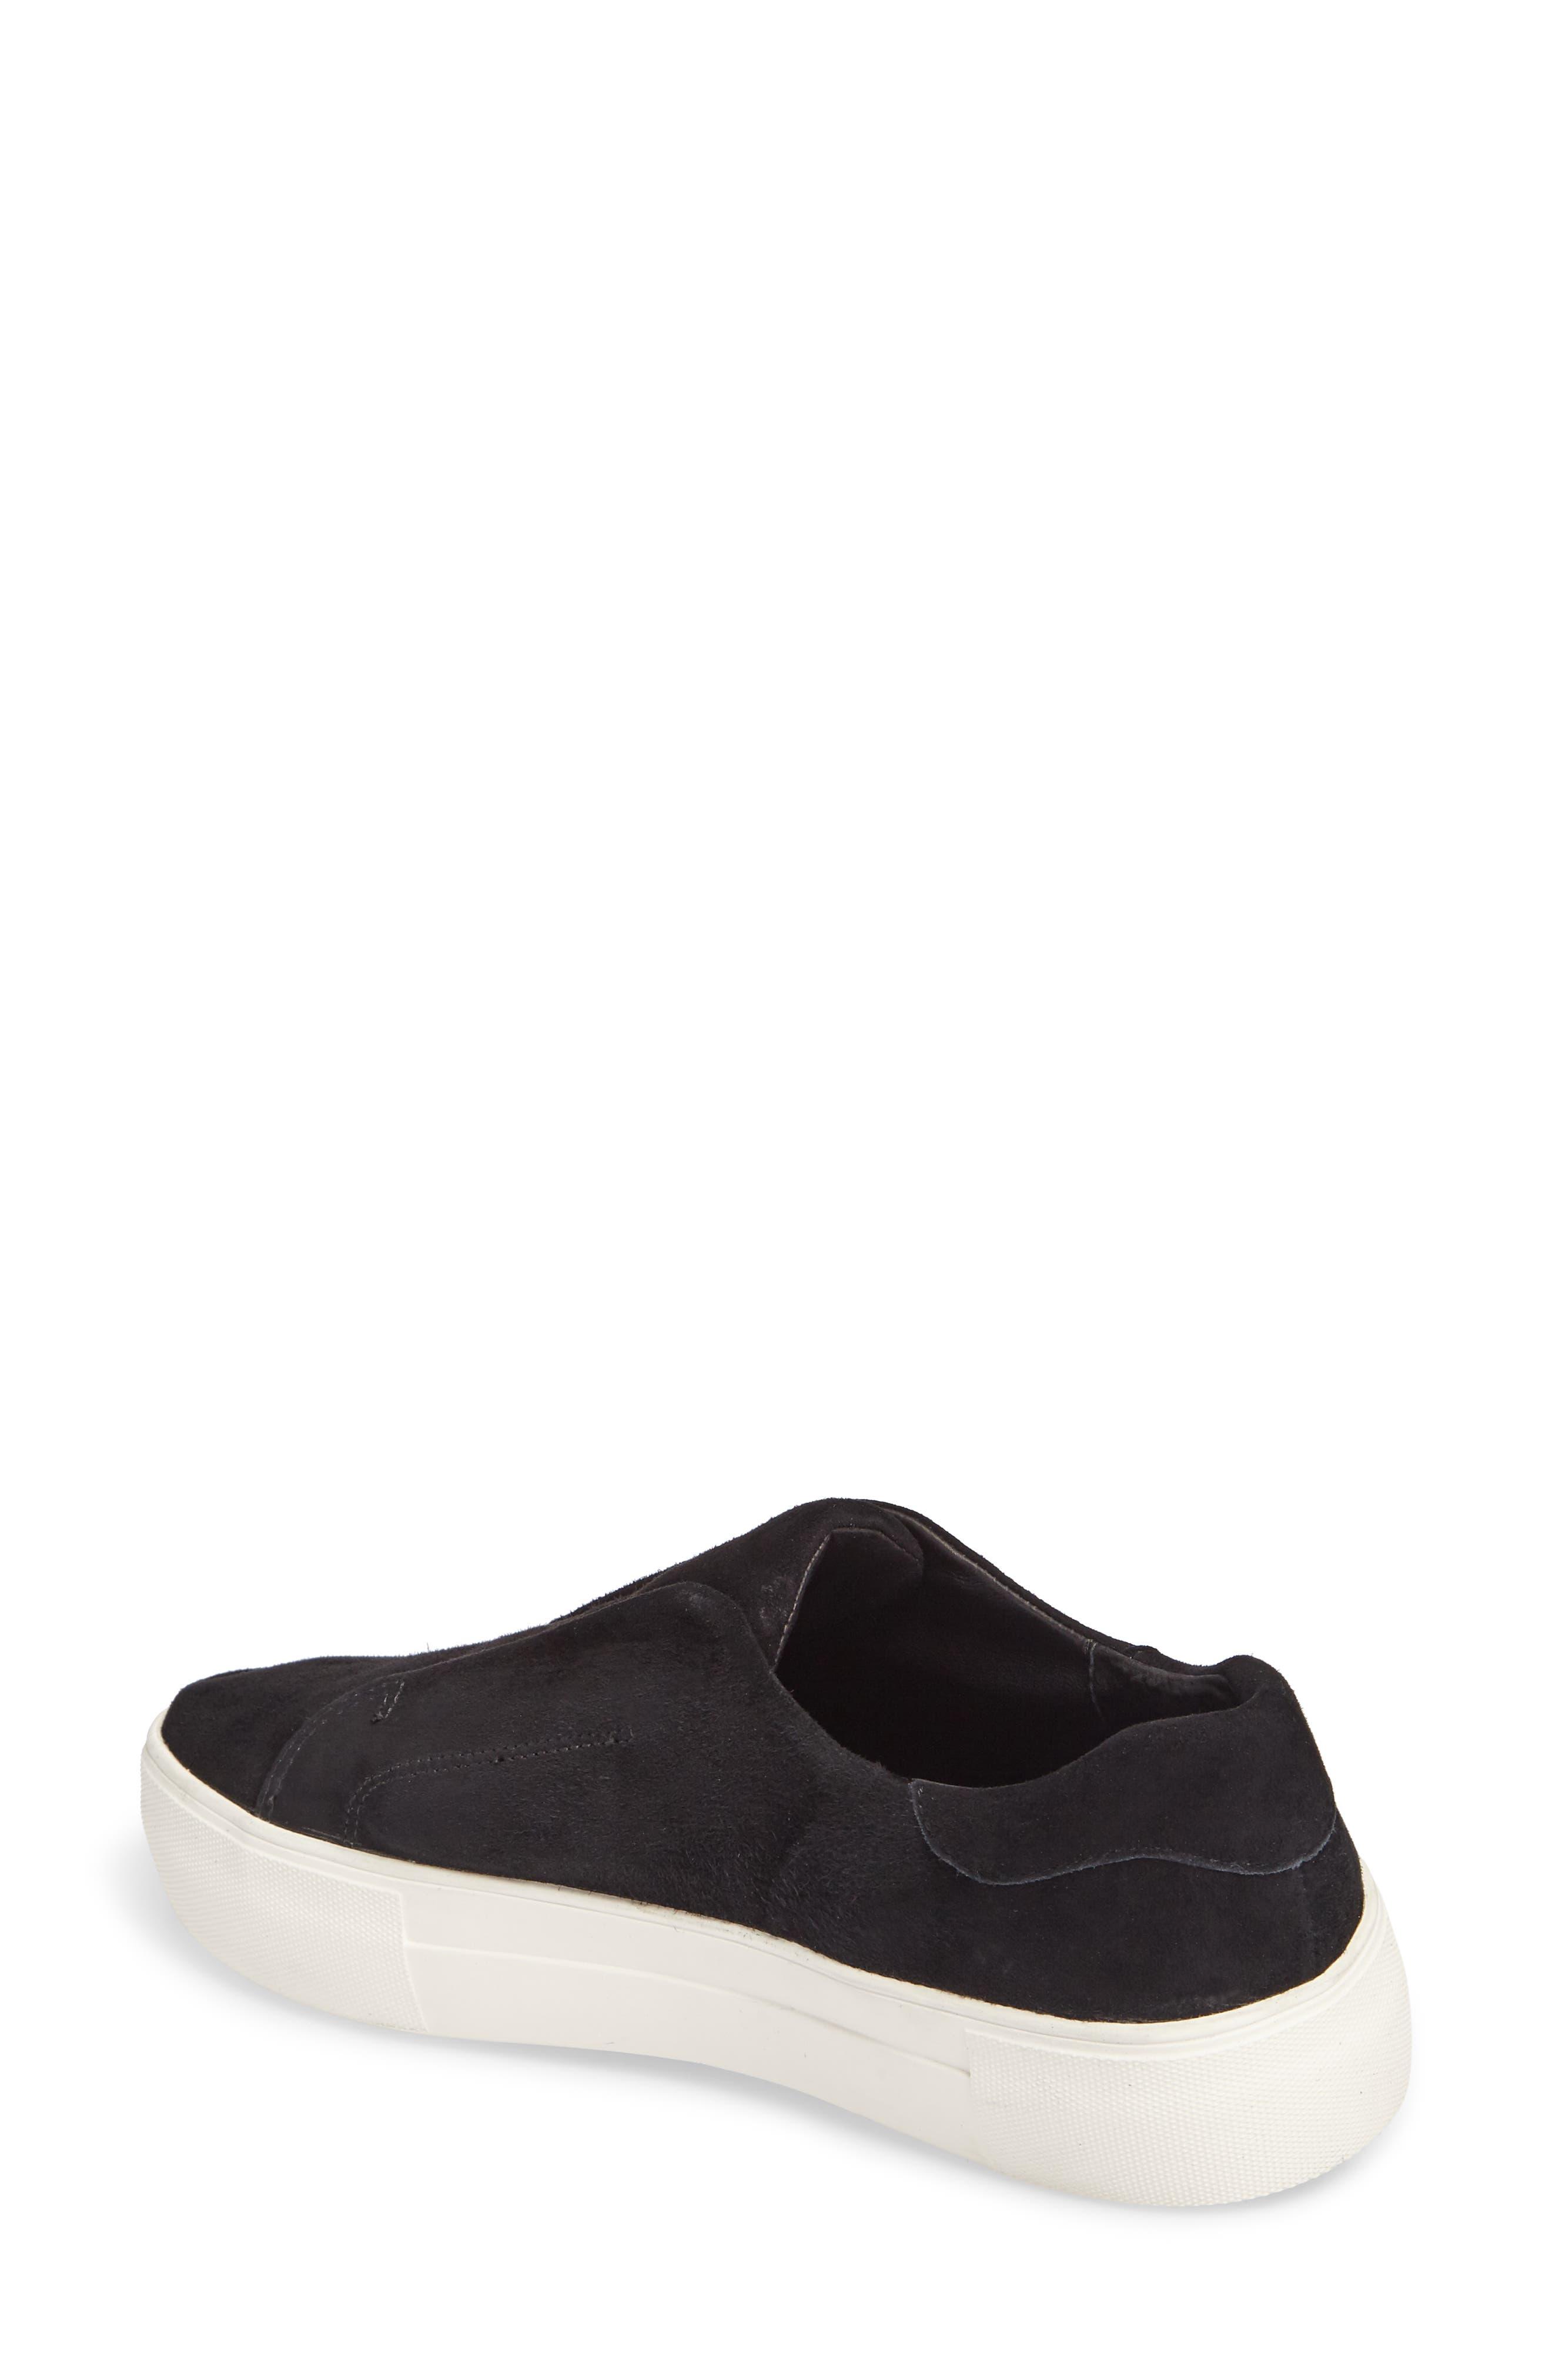 JSLIDES,                             Alara Slip-On Sneaker,                             Alternate thumbnail 2, color,                             002